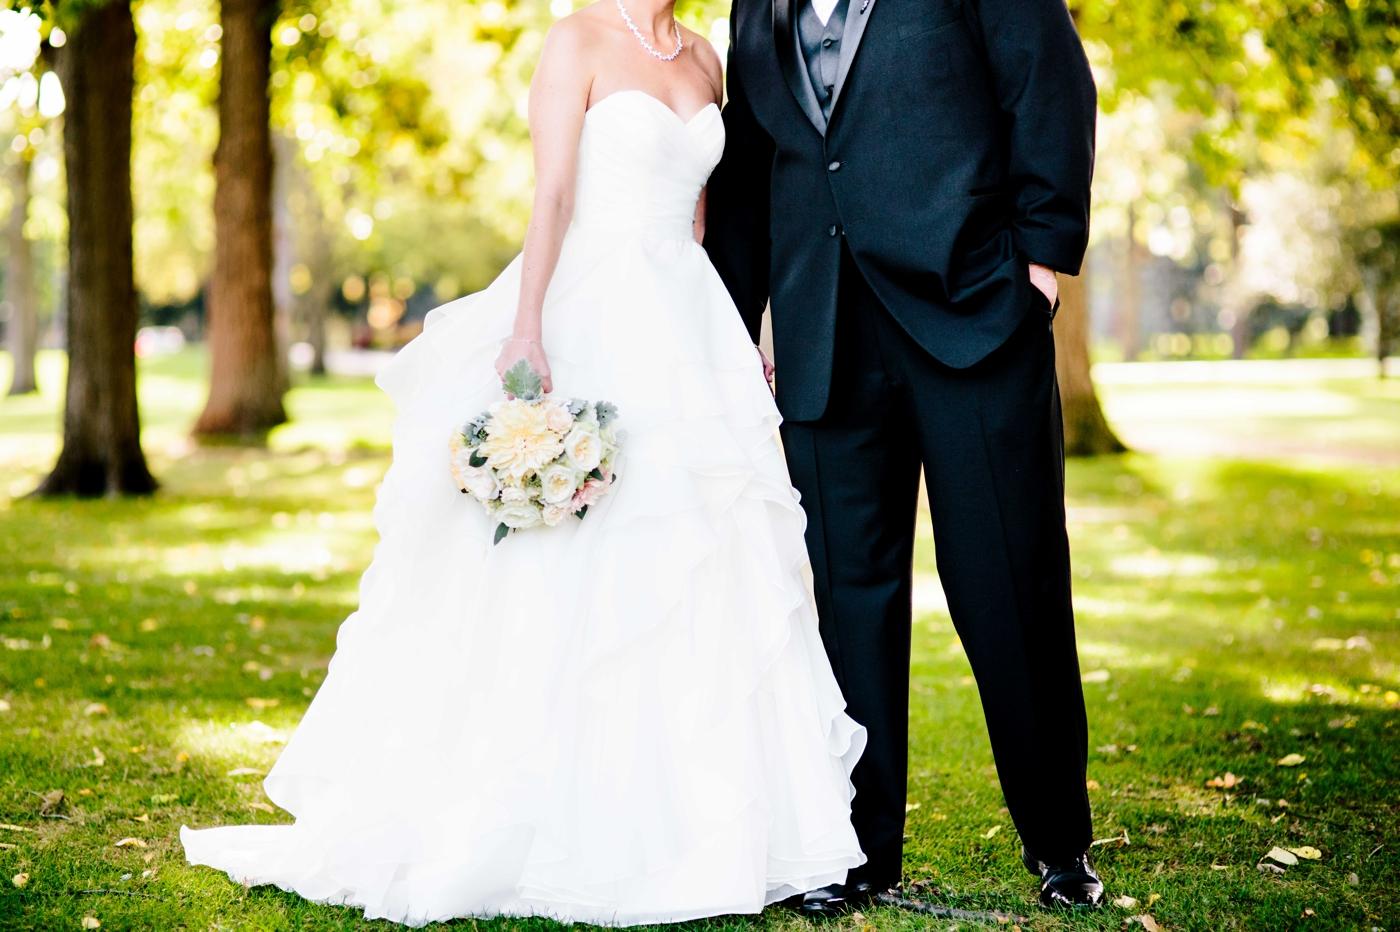 chicago-fine-art-wedding-photography-deiters12